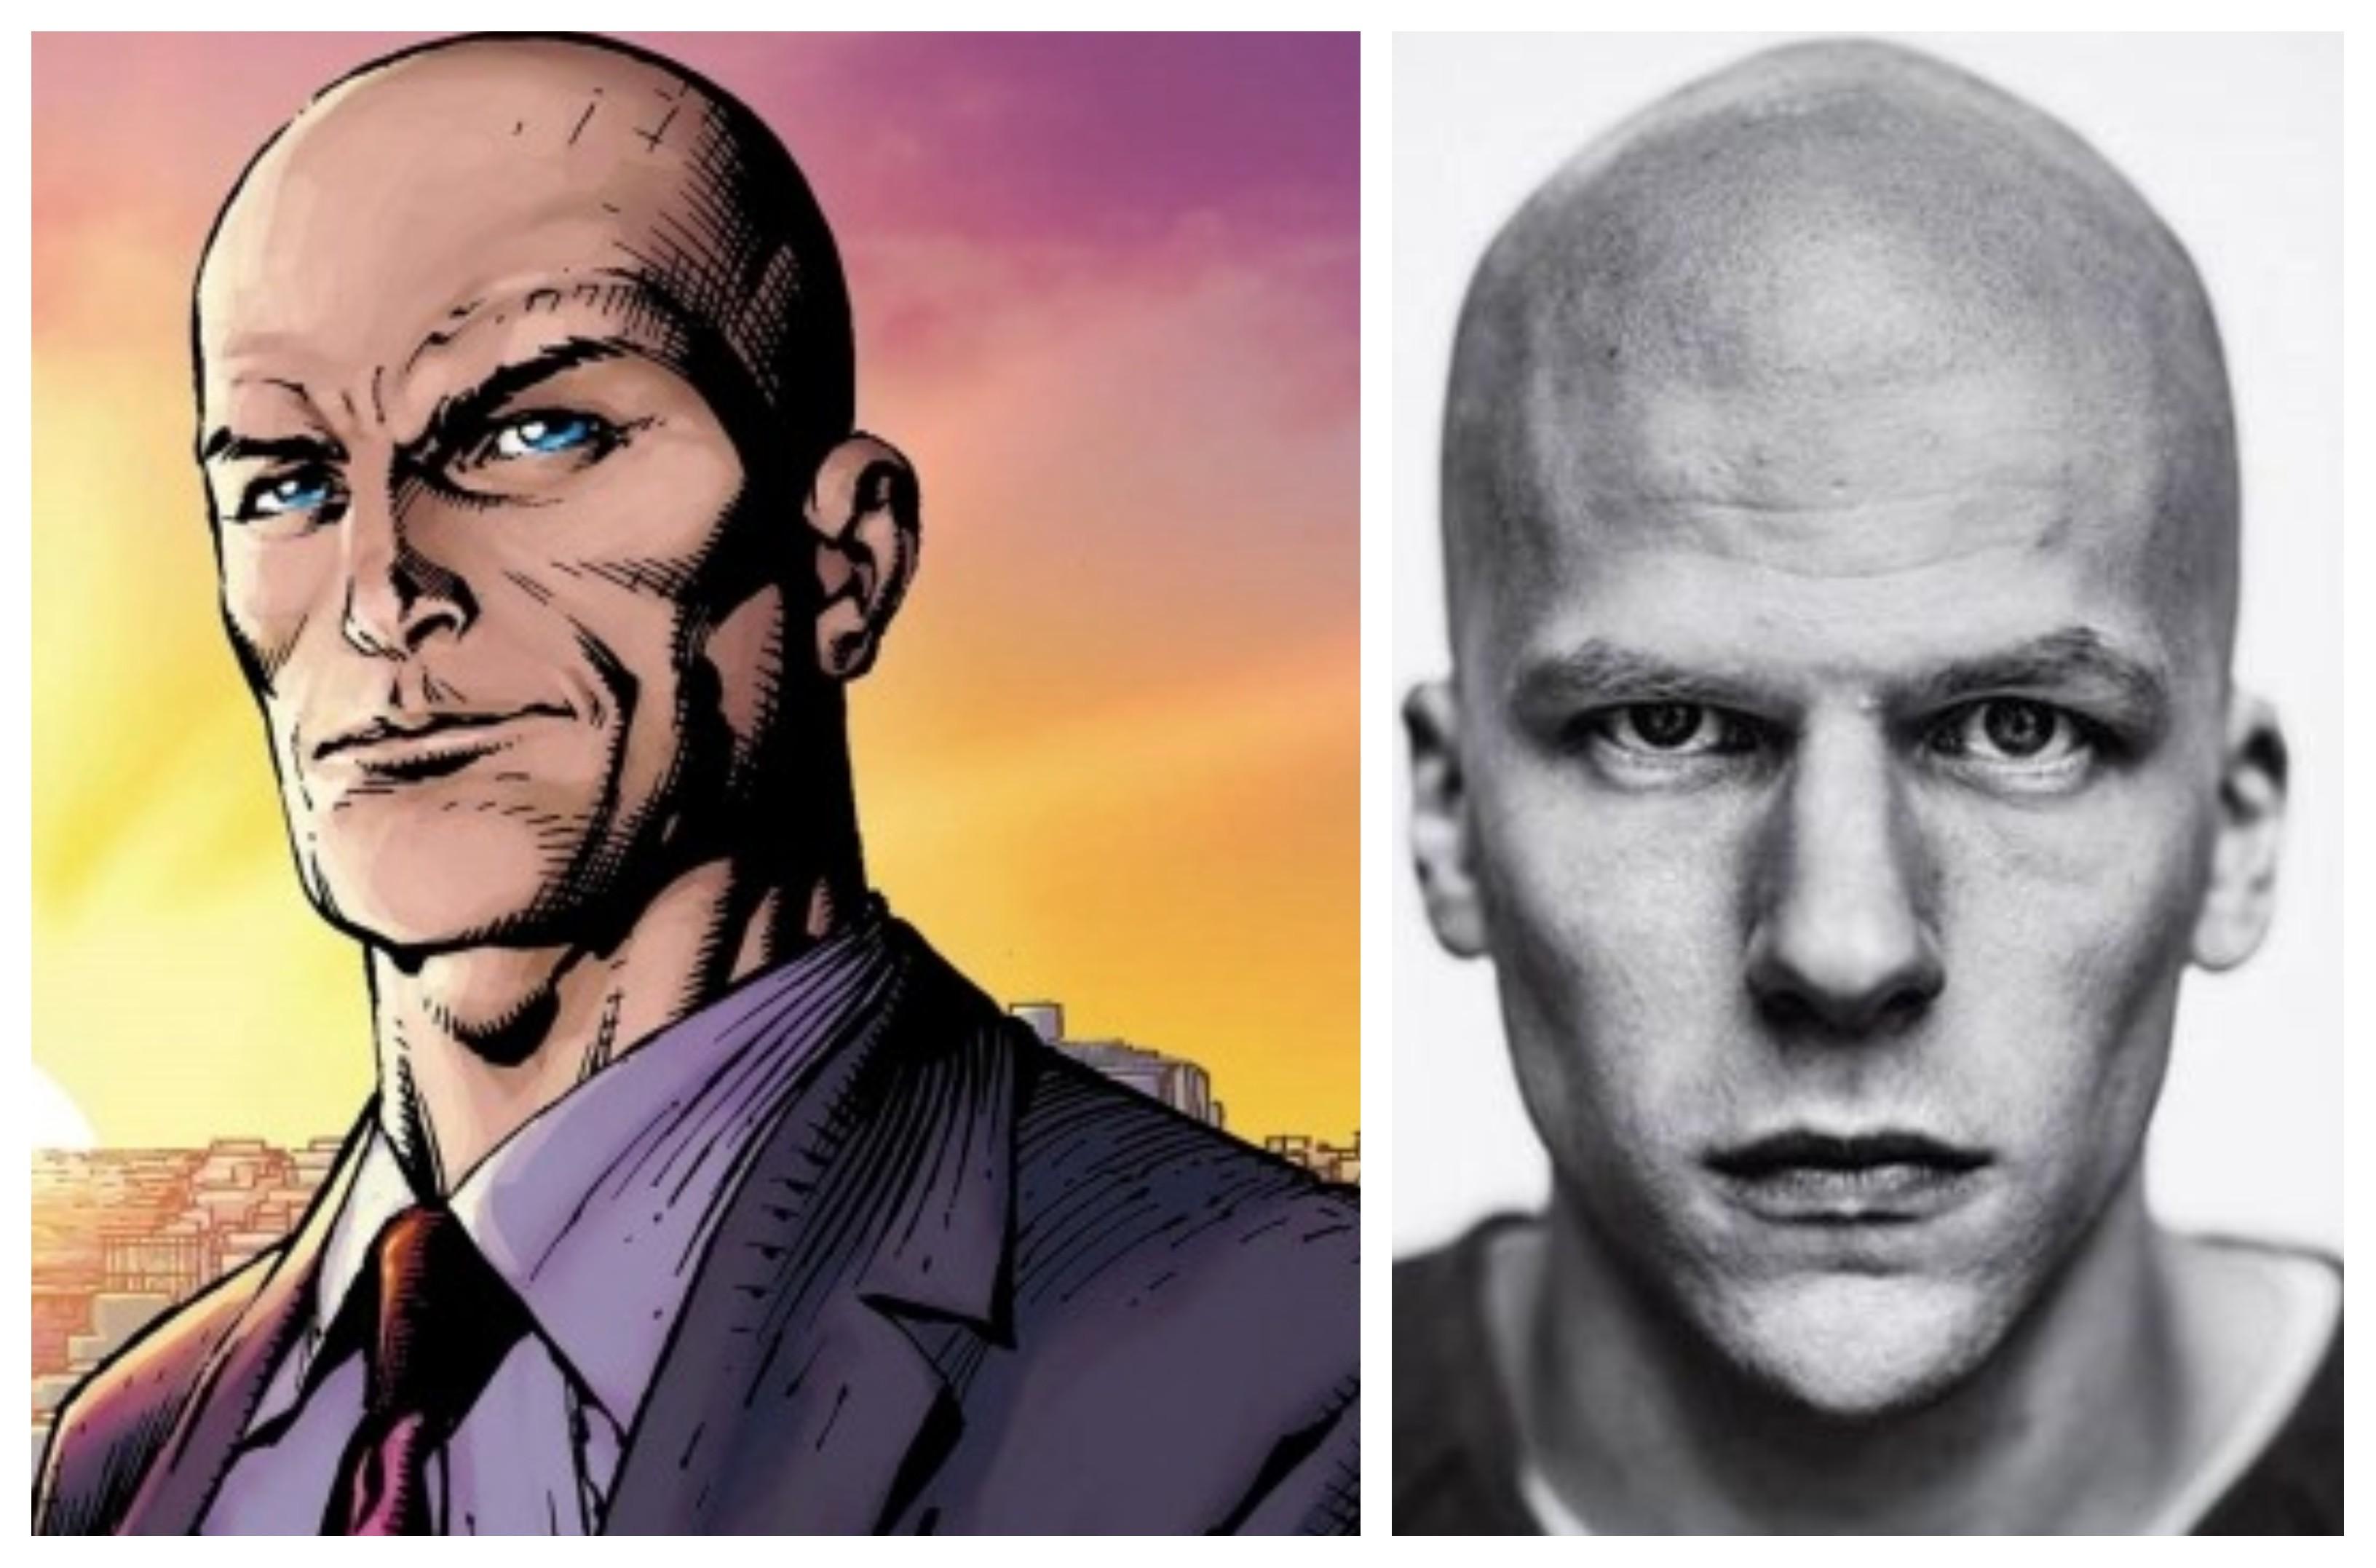 Nhân vật phản diện huyền thoại của DC Comics - Lex Luthors Trái: nguyên tác truyện tranh - Phải: màn hóa thân của diễn viên Jesse Eisenberg